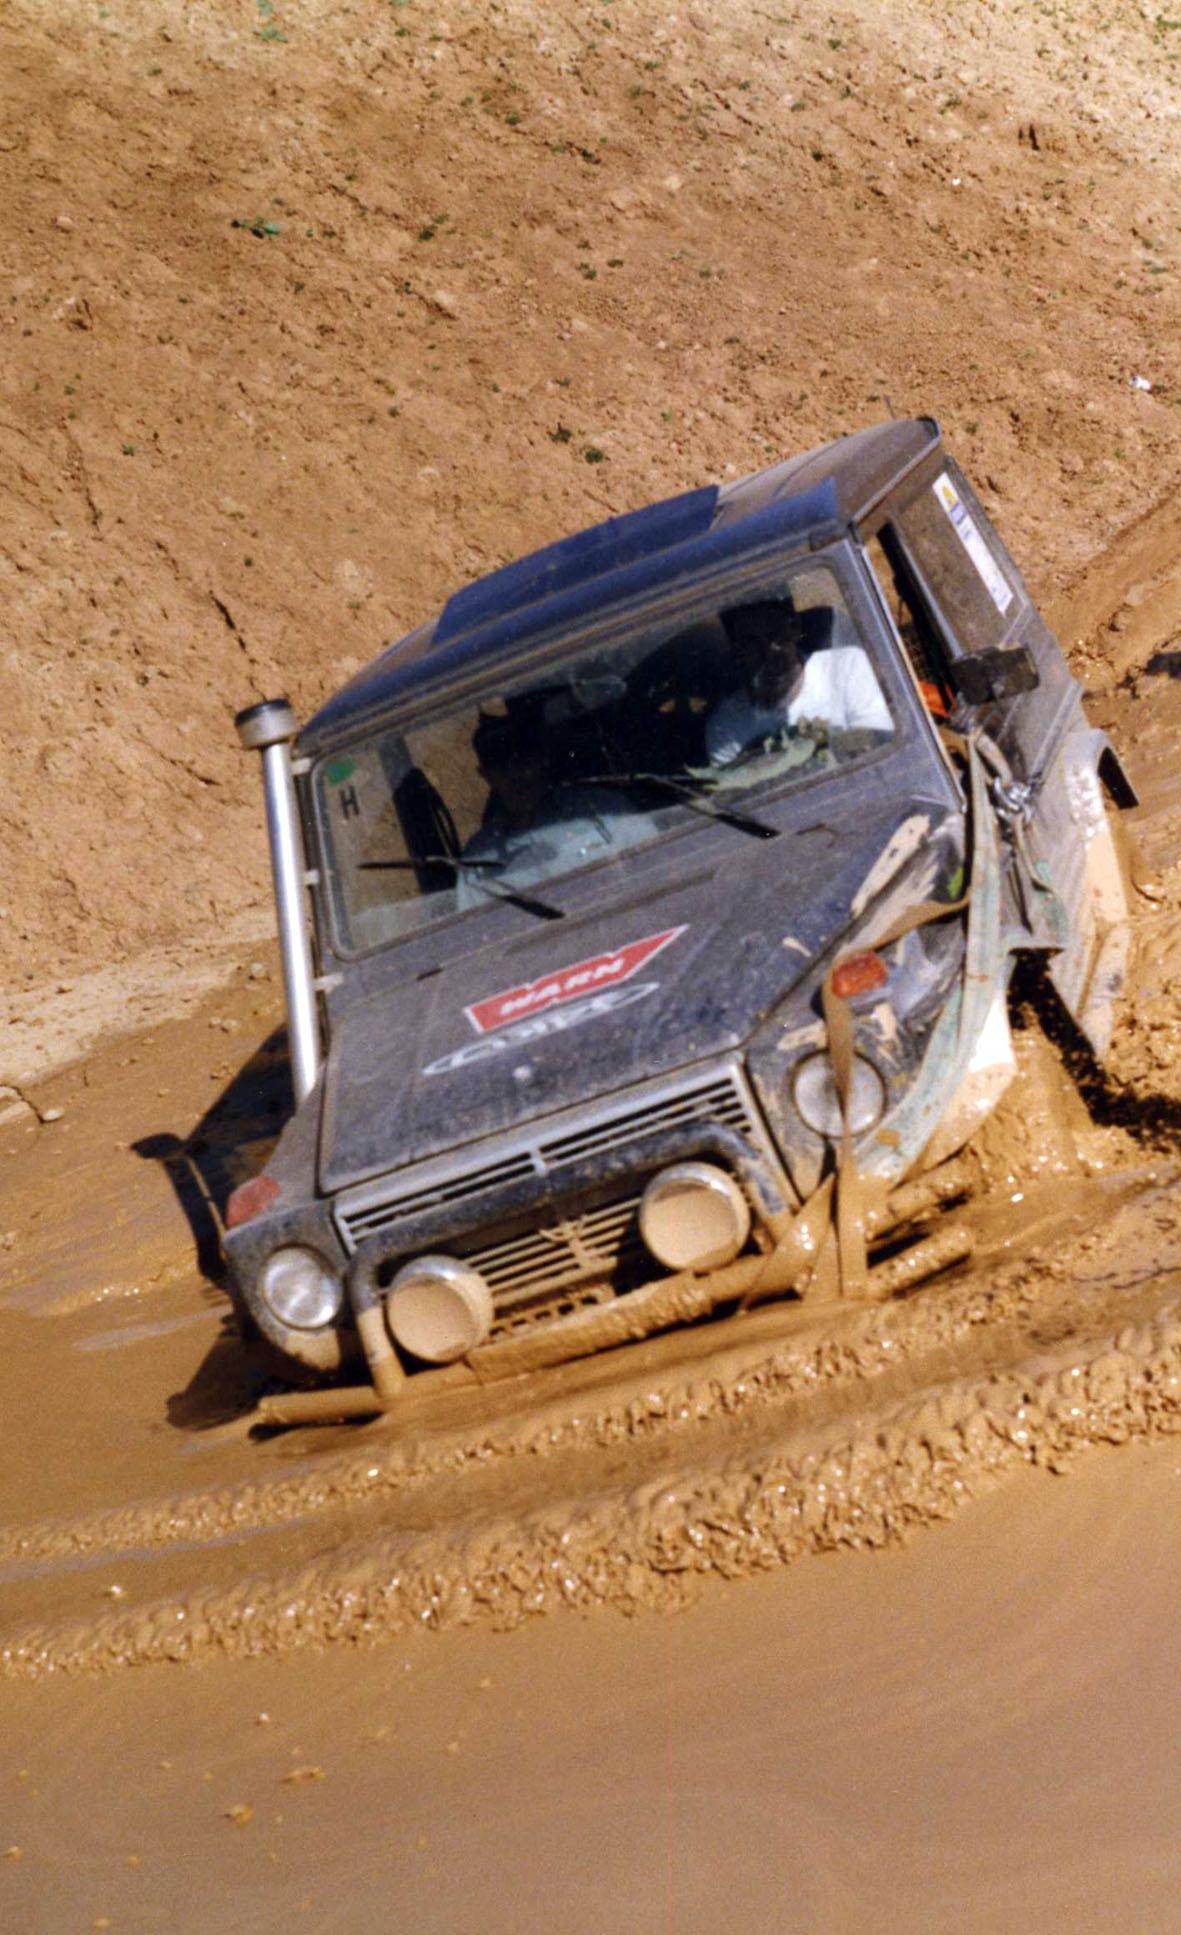 Mercedes G superando una poza de barro